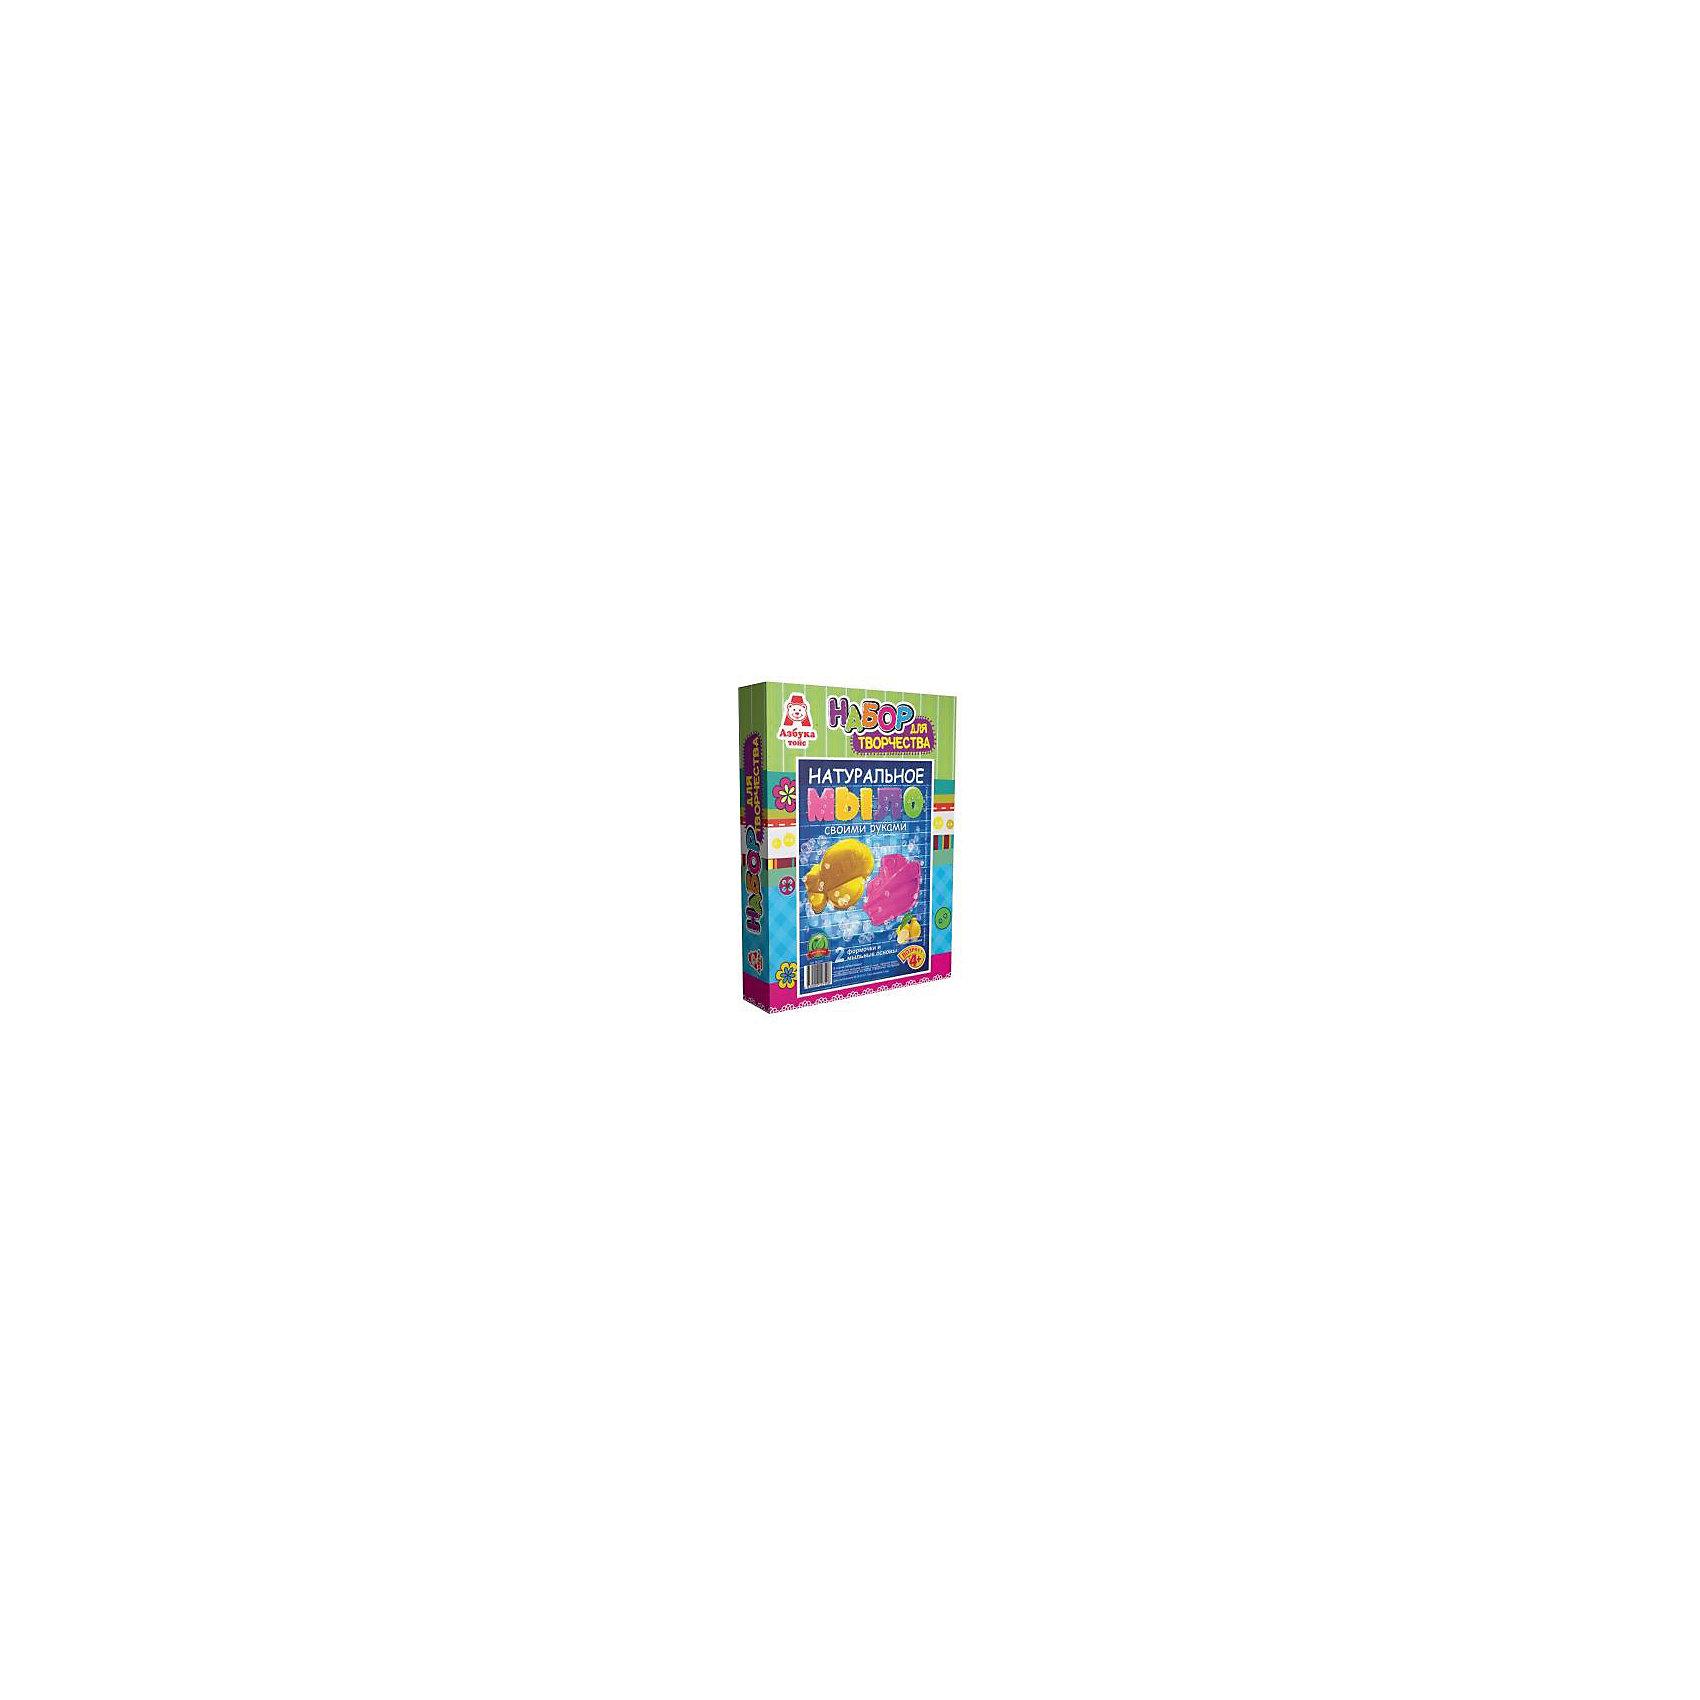 Мыло Кораблик и СамолетСоздание мыла<br>Характеристики товара:<br><br>• упаковка: коробка<br>• количество цветов: 5<br>• возраст: 4+<br>• масса: 294 г<br>• габариты: 50х240х280 мм<br>• комплектация: натуральная мыльная основа (5 видов), эфирное масло (5 видов), деревянная палочка, емкость для растапливания, формочки - 5 шт., инструкция<br>• страна бренда: РФ<br>• страна изготовитель: РФ<br><br>Мыловарение – интересный и необычный способ занять малыша. Ошибочно полагать, что создавать мыло – творчество только для девочек. В новом наборе формочки позволяют варить мыло в форме различных предметов. На выходе у ребенка получится настоящее мыло, готовое к использованию. Благодаря эфирным маслам оно будет приятно пахнуть. В наборе есть все необходимое для создания продукта.<br>Набор станет отличным подарком ребенку, так как он сможет сам сделать полезную вещь для себя или в качестве подарка близким! Материалы, использованные при изготовлении товара, сертифицированы и отвечают всем международным требованиям по качеству. <br><br>Набор Мыло Кораблик и Самолет от бренда Азбука Тойс можно приобрести в нашем интернет-магазине.<br><br>Ширина мм: 240<br>Глубина мм: 50<br>Высота мм: 280<br>Вес г: 294<br>Возраст от месяцев: 48<br>Возраст до месяцев: 96<br>Пол: Мужской<br>Возраст: Детский<br>SKU: 5062847